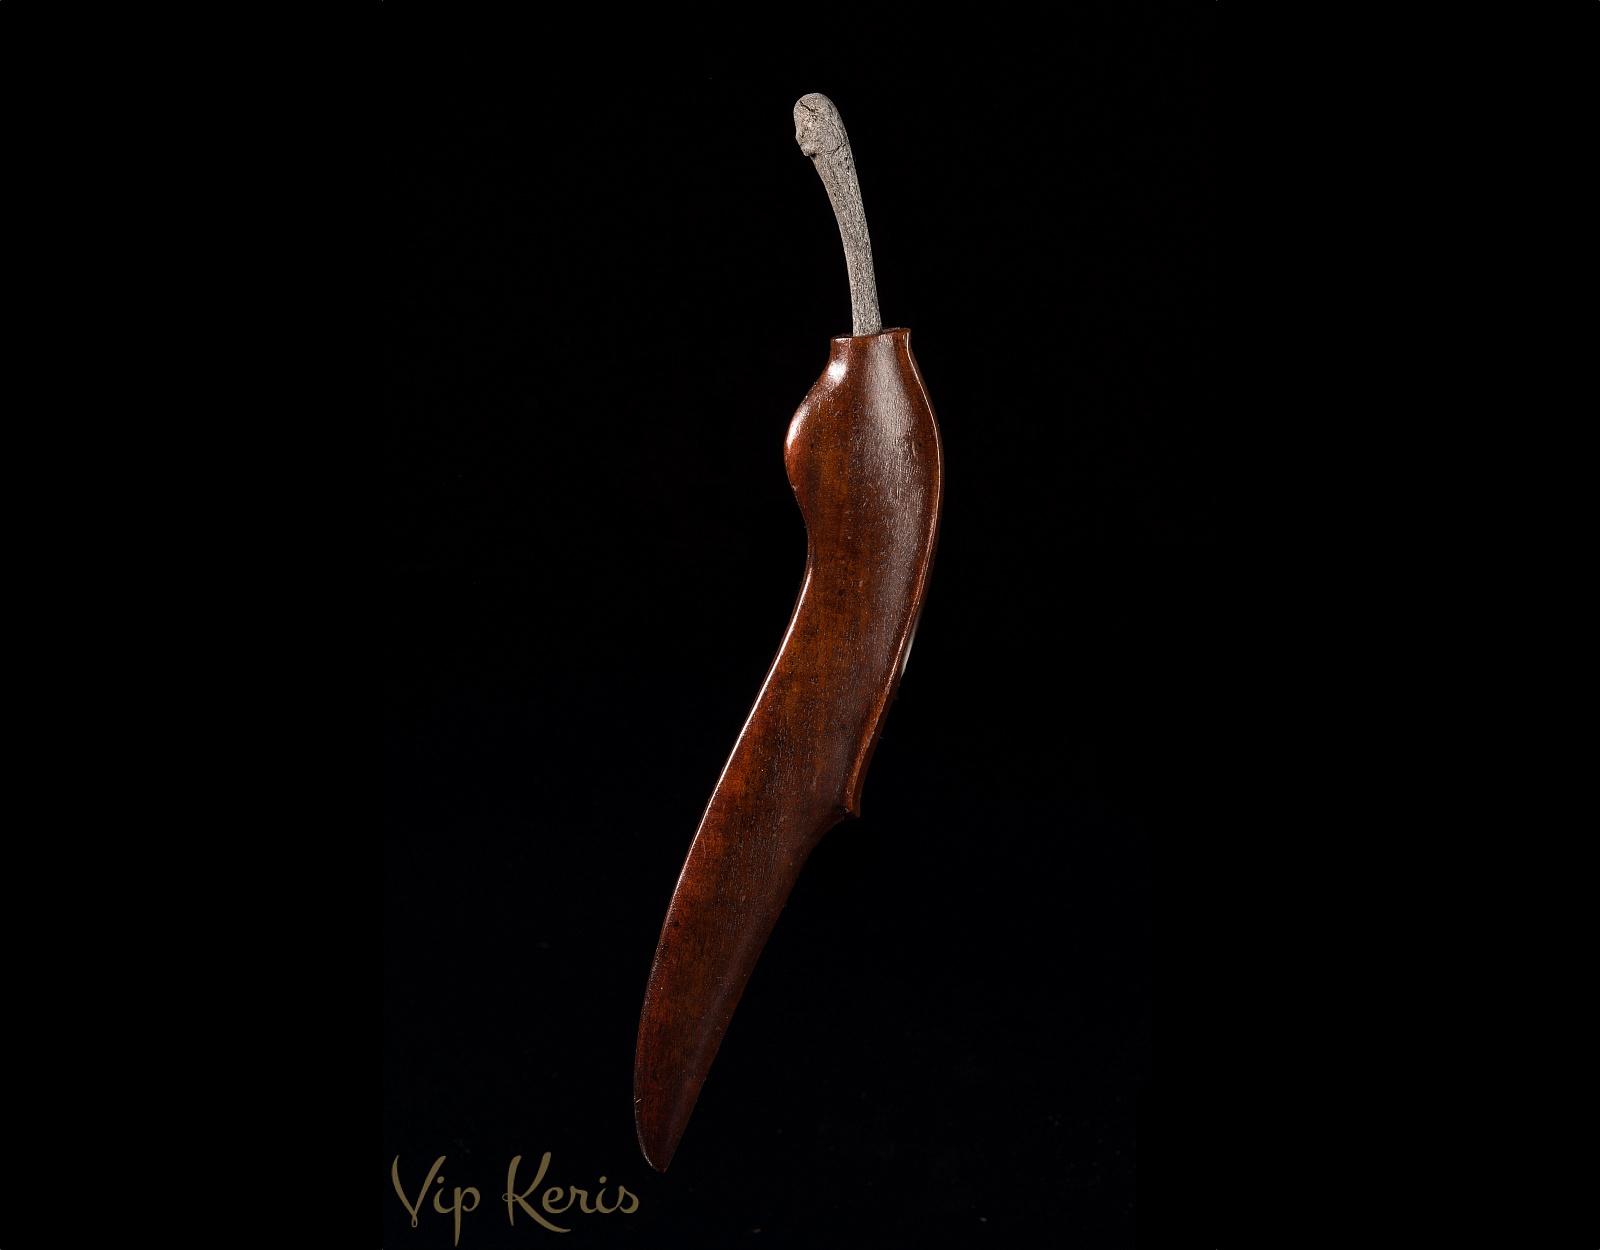 Нож Крис Sajen Kudi - абсолютный Янь фото VipKeris